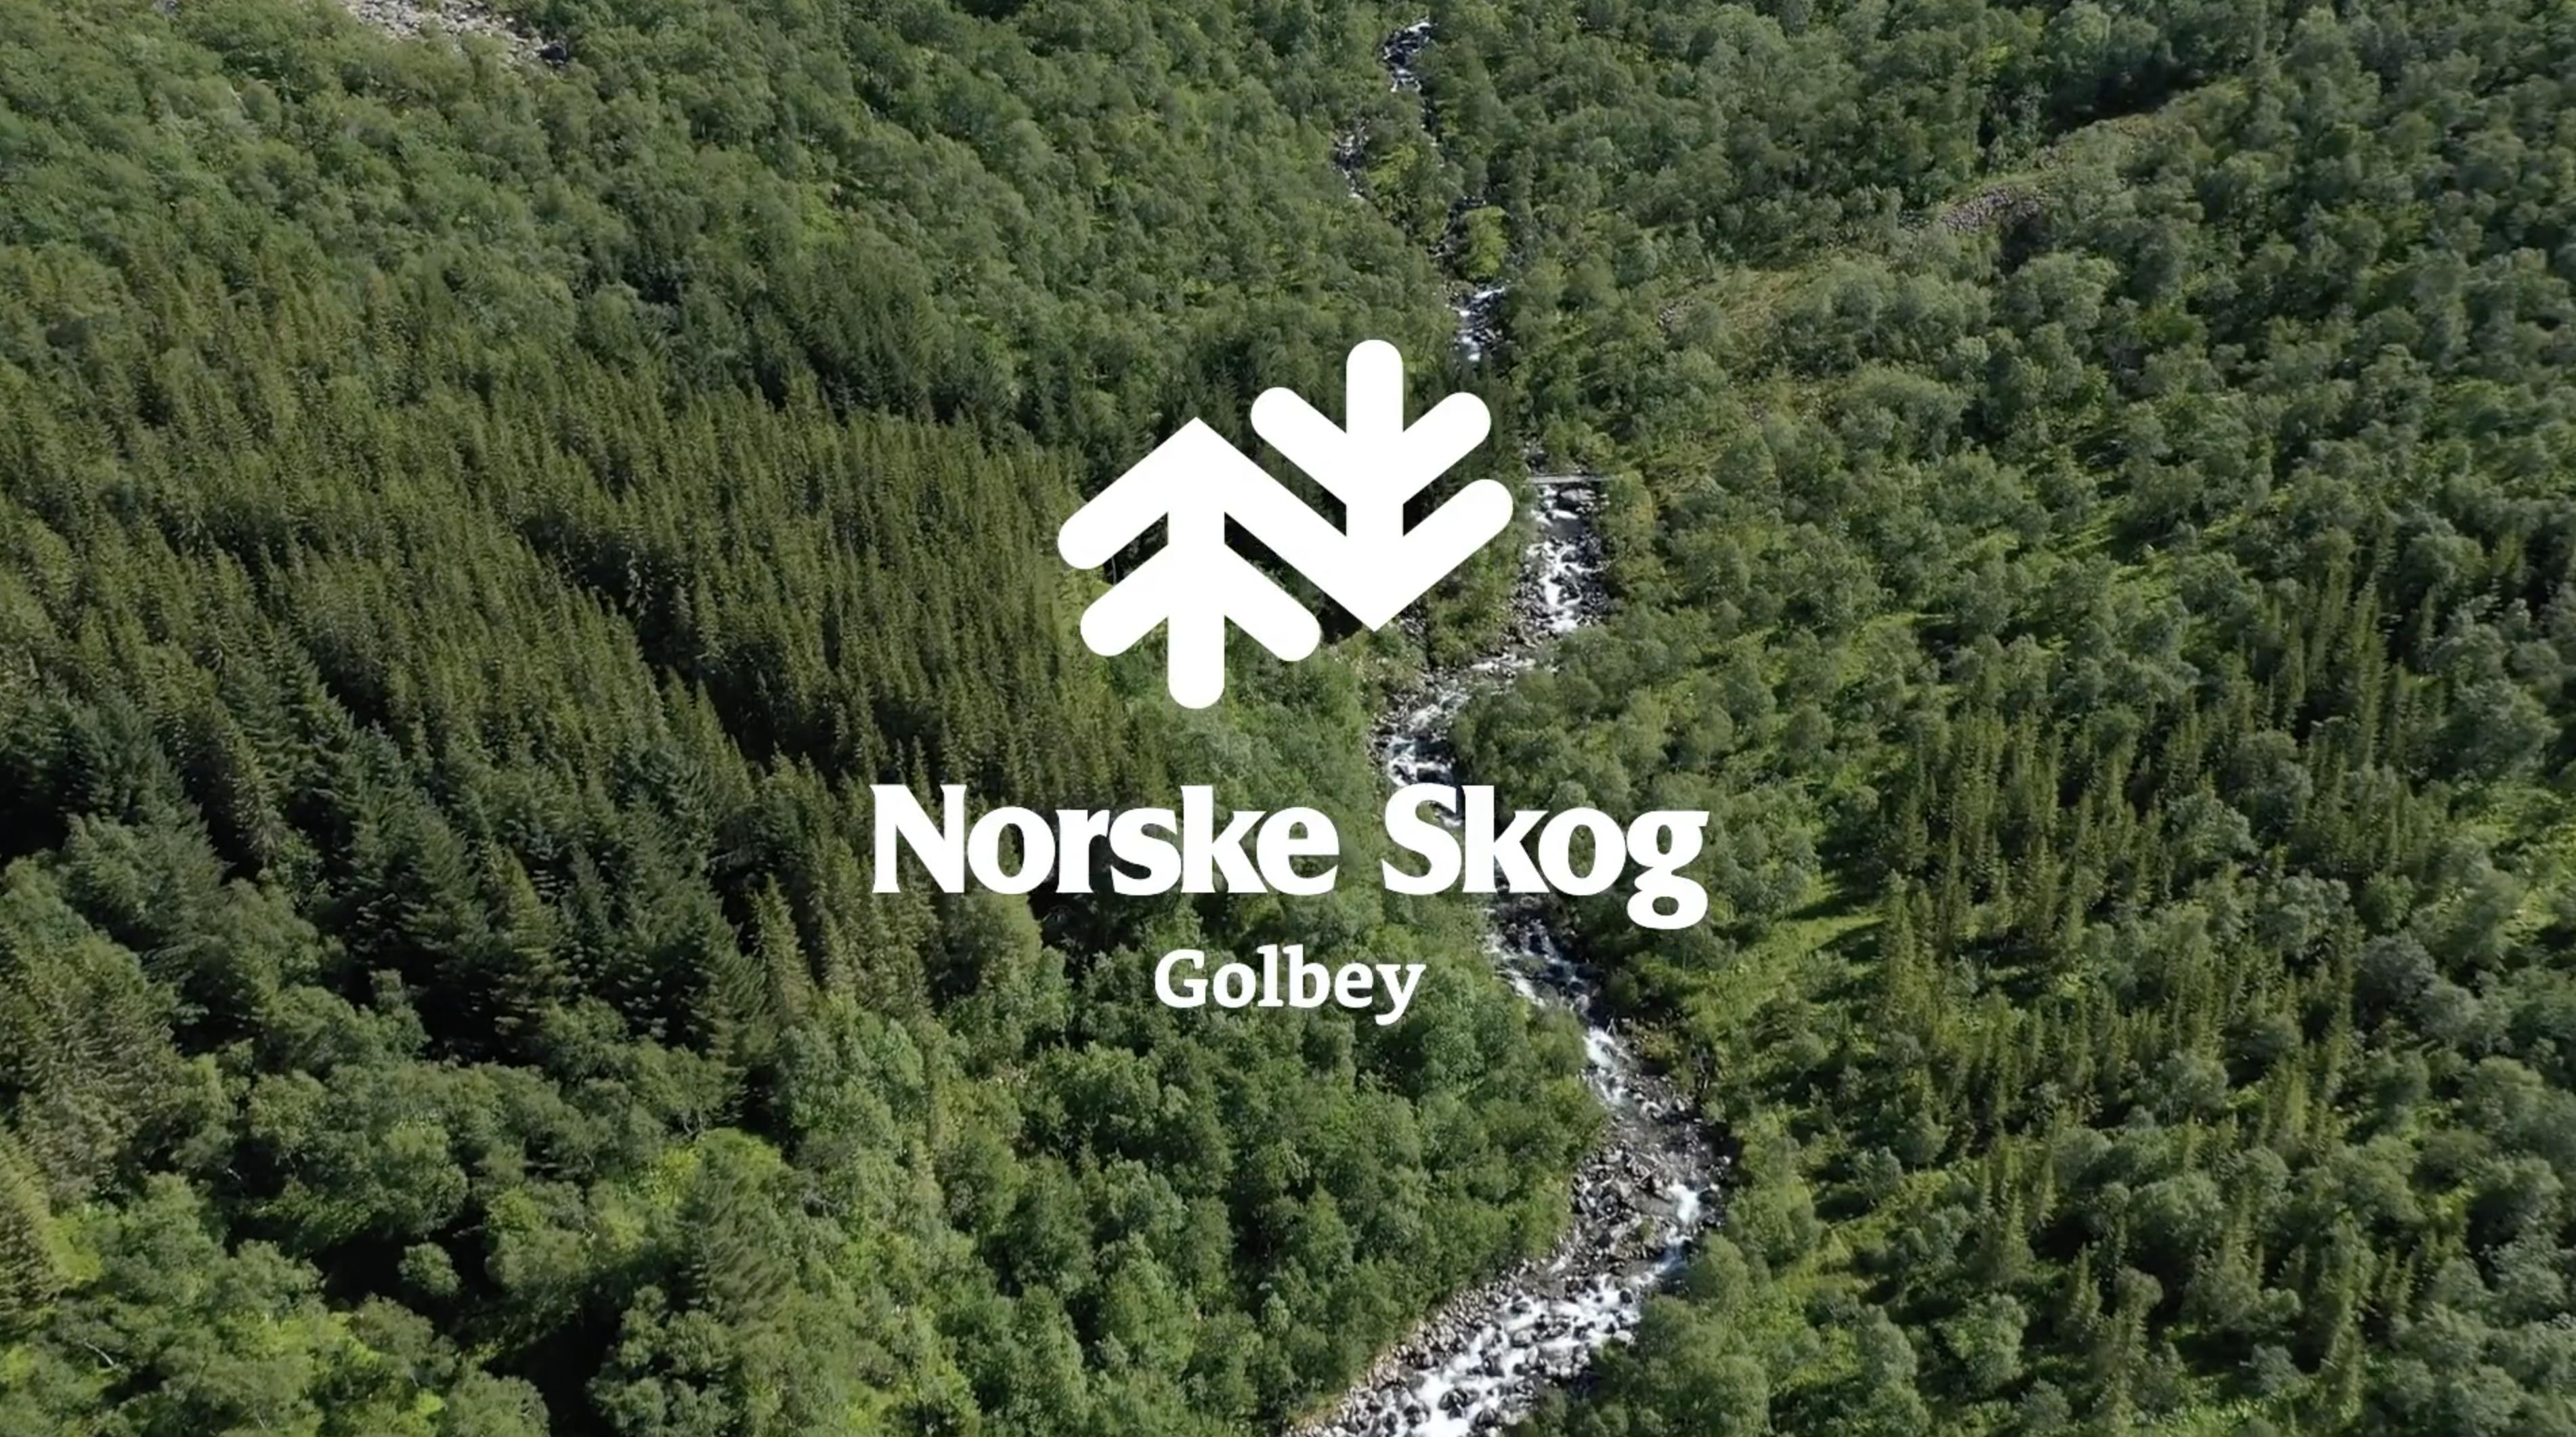 lezardscreation agence communication publicite vosges remiremont trophee norske skog